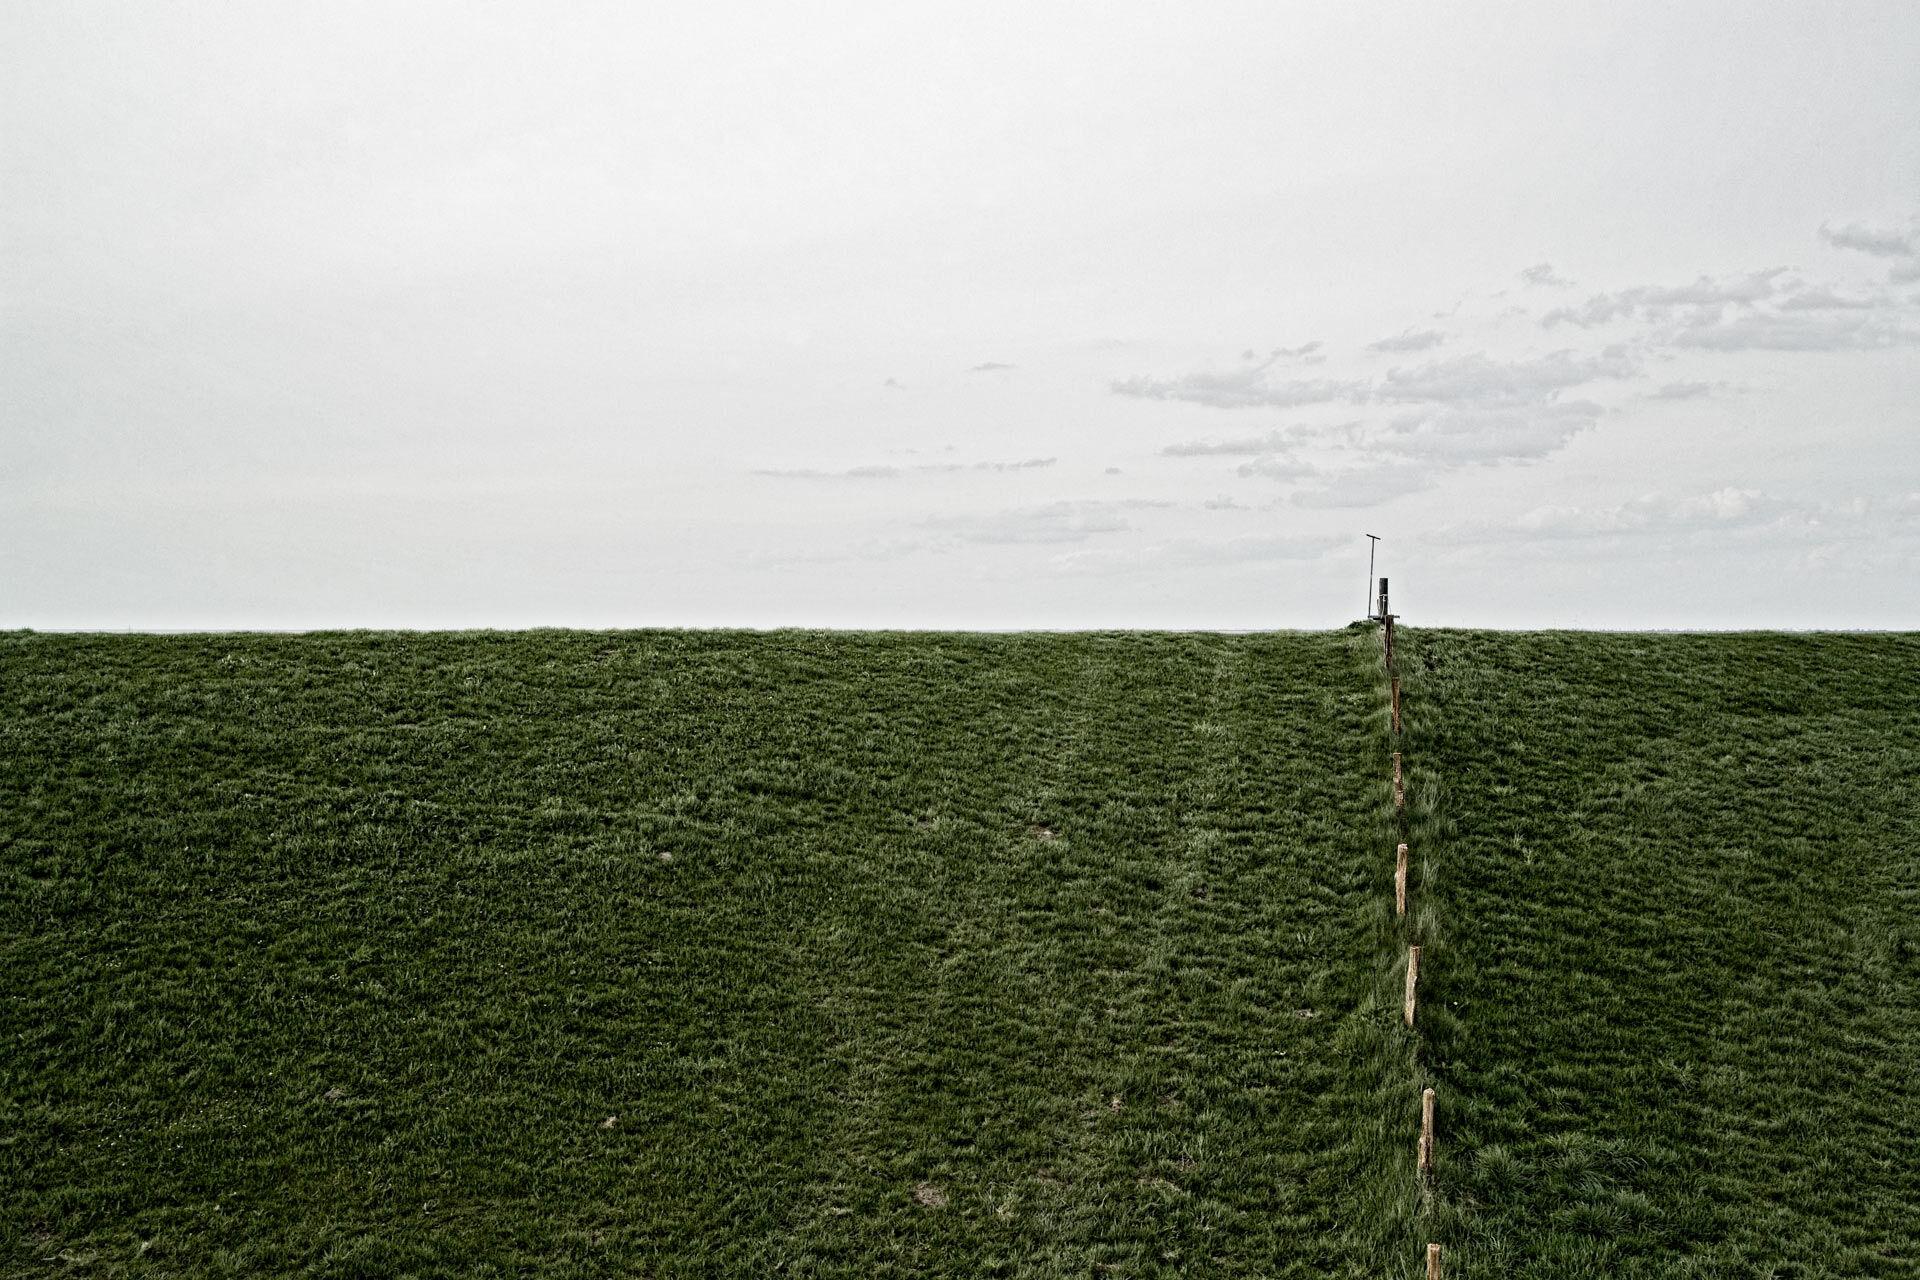 Deich der Elbe mit Fahrspur im Grass